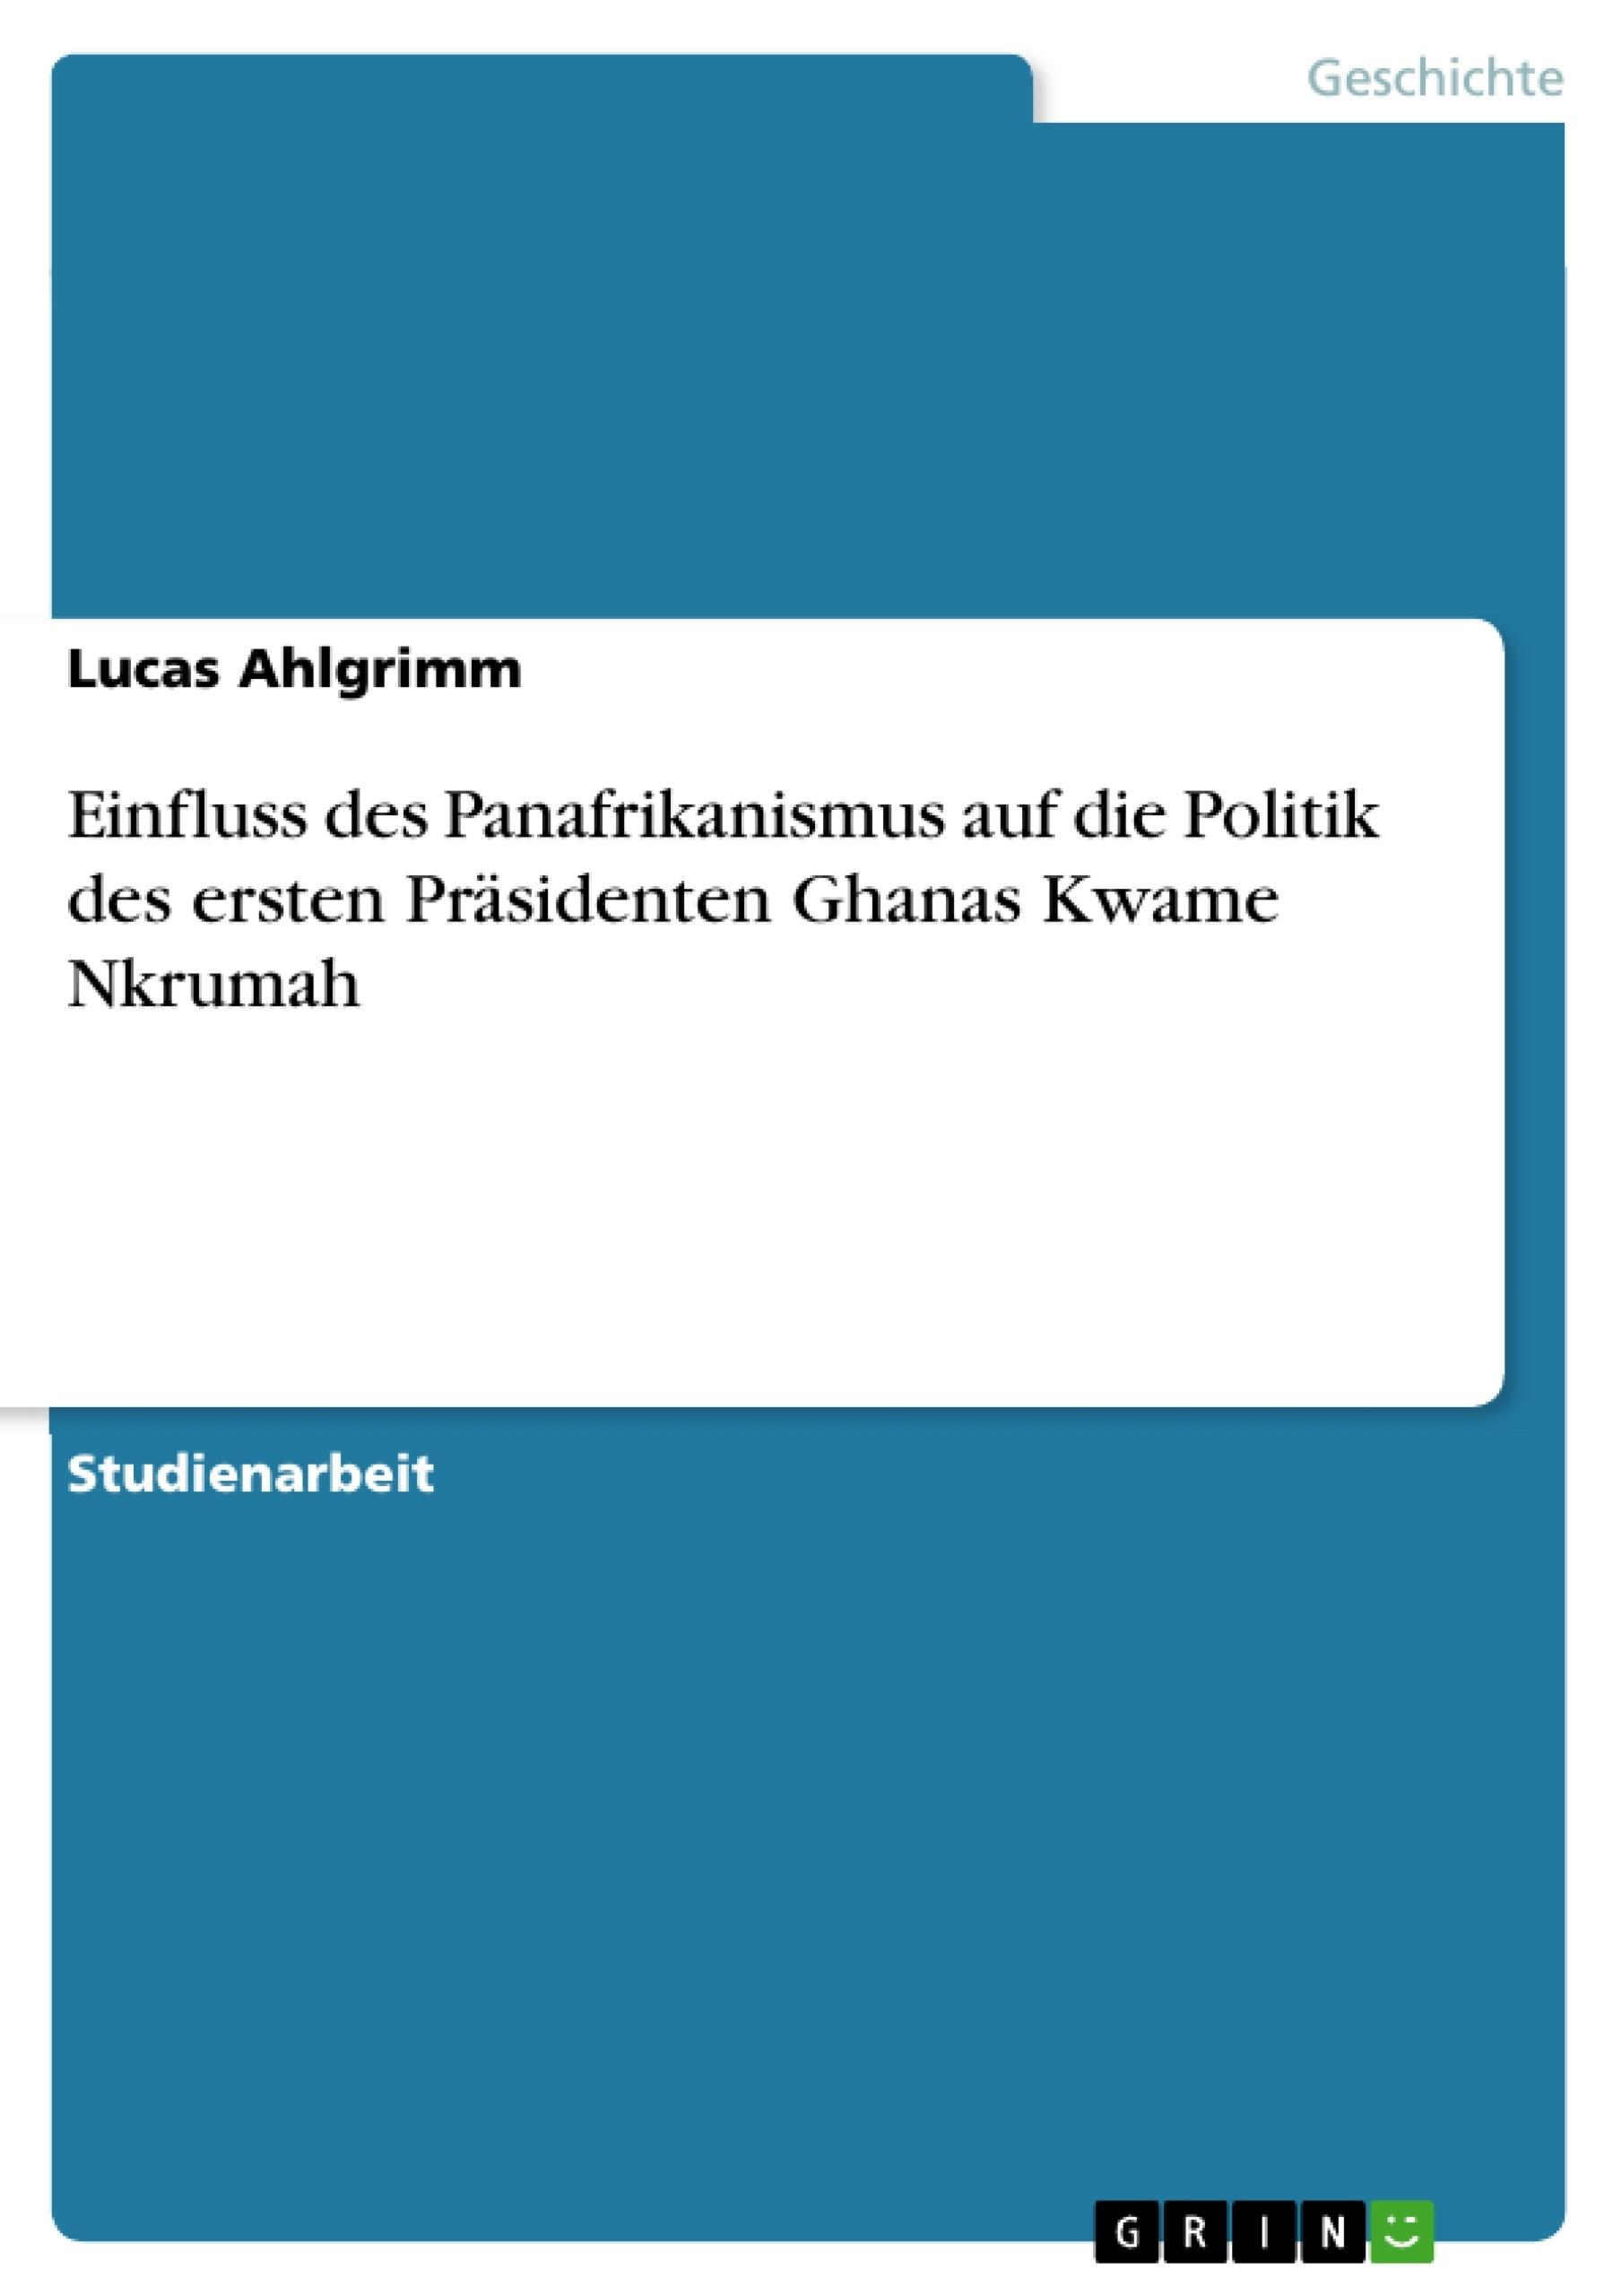 Titel: Einfluss des Panafrikanismus auf die Politik des ersten Präsidenten Ghanas Kwame Nkrumah